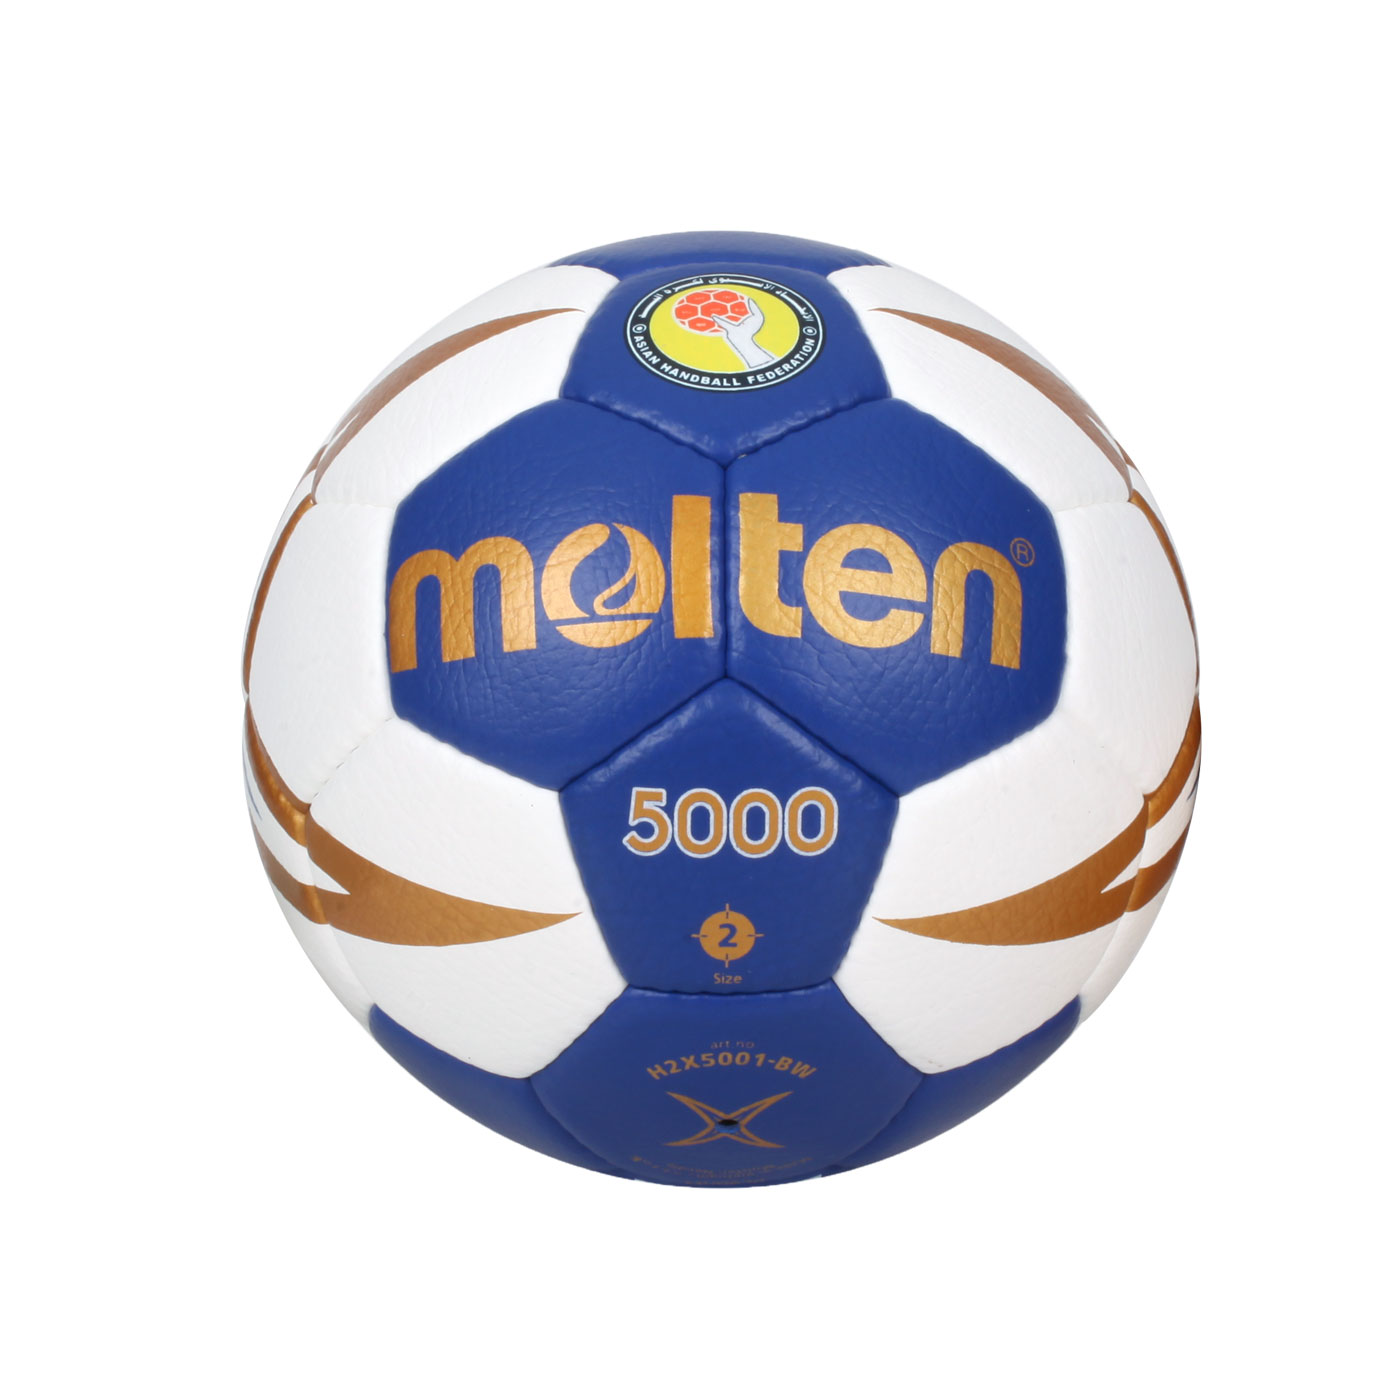 Molten #2合成皮手球 H2X5001-BW